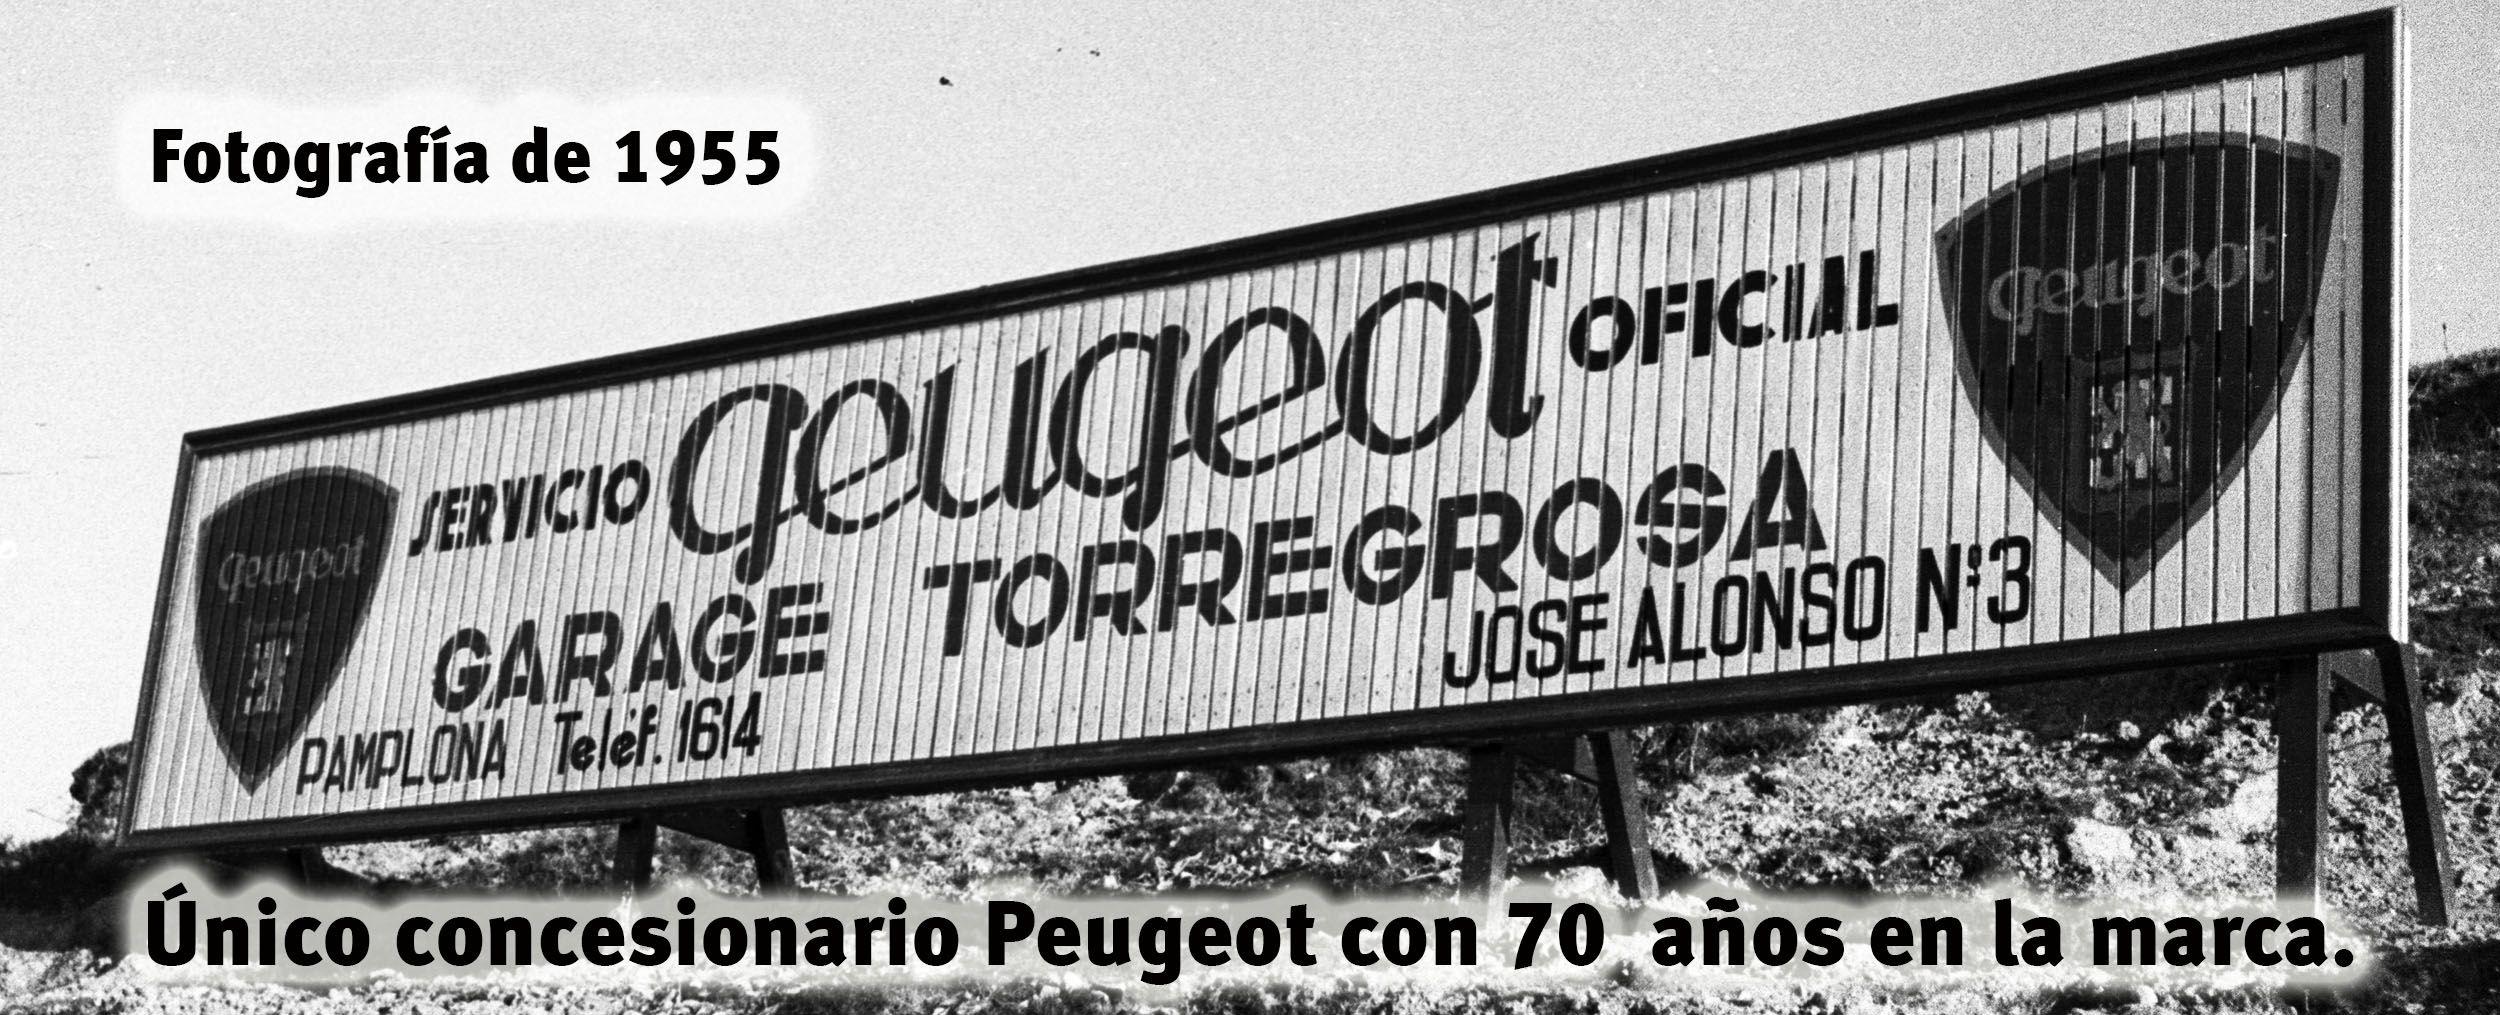 Único concesionario Peugeot con 70 años en la marca